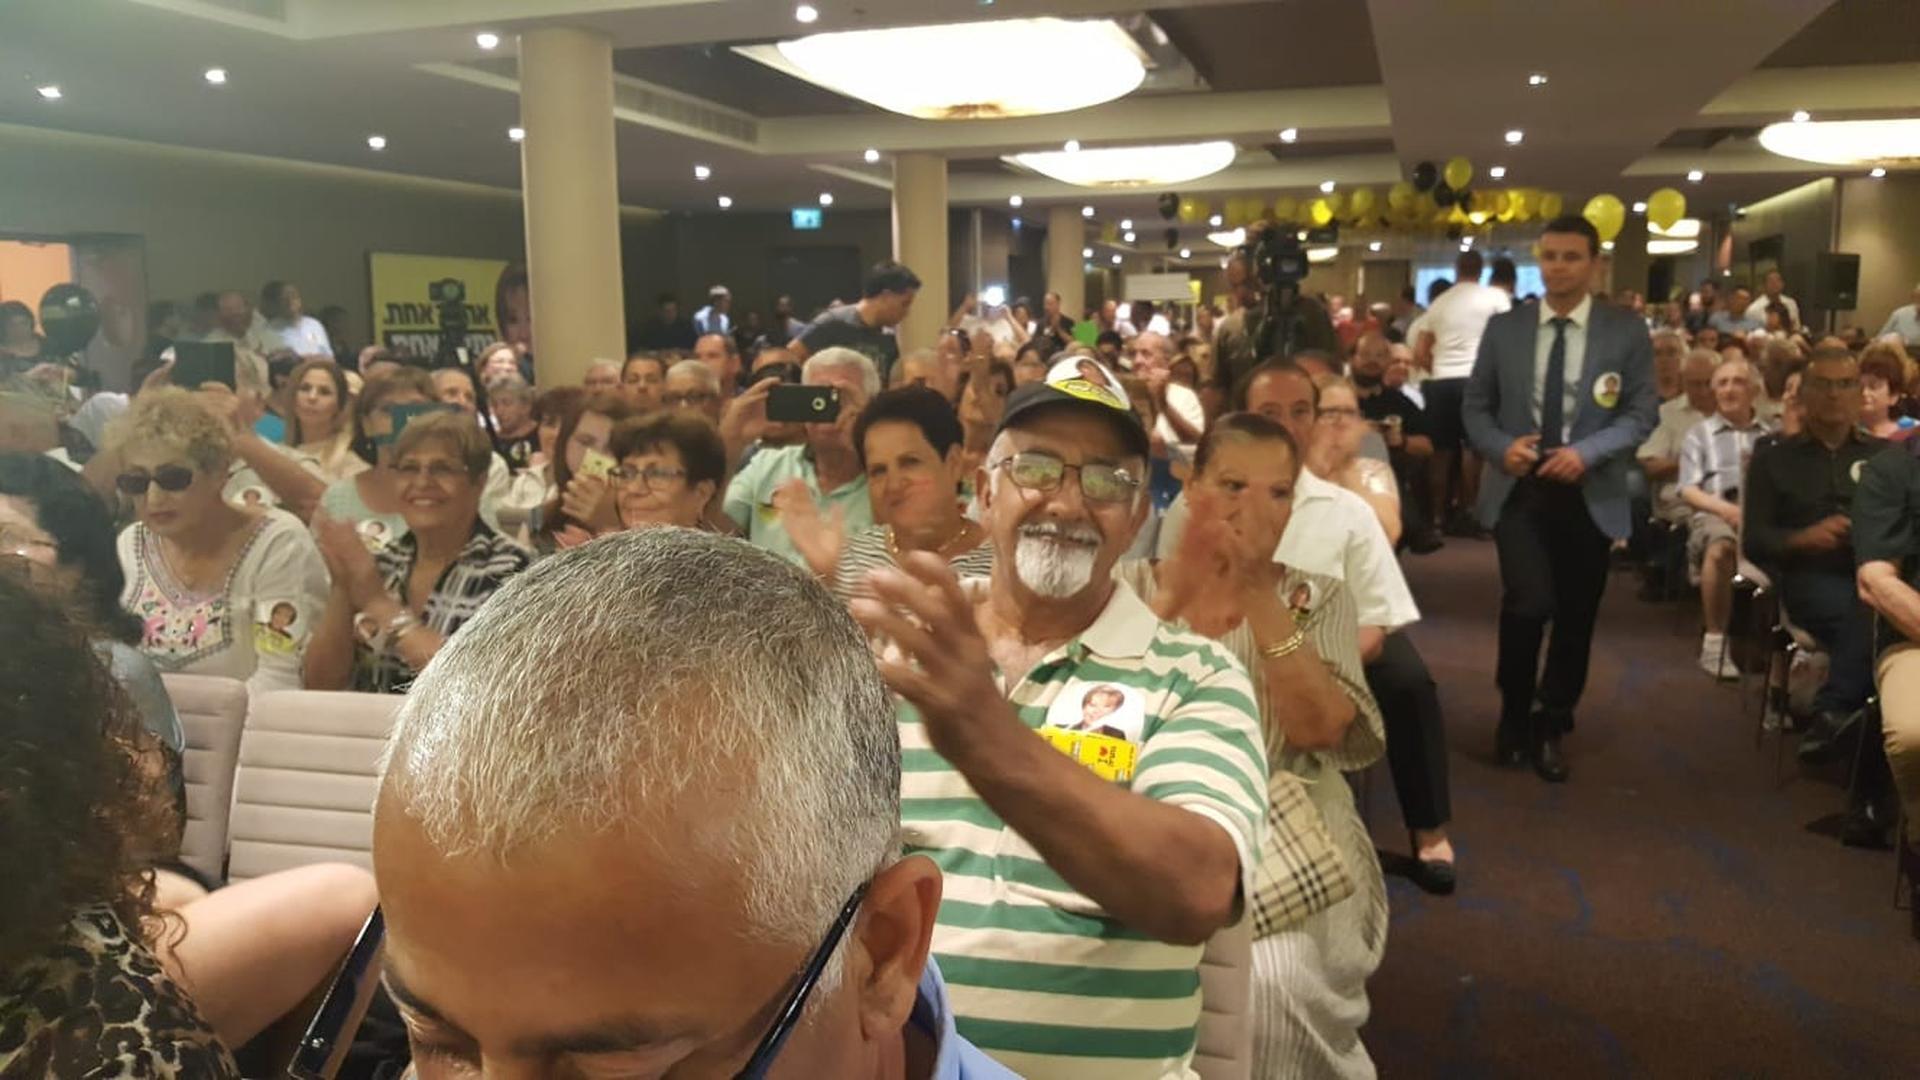 הקהל של פיירברג-איכר (צילום: ניר איסקוב)